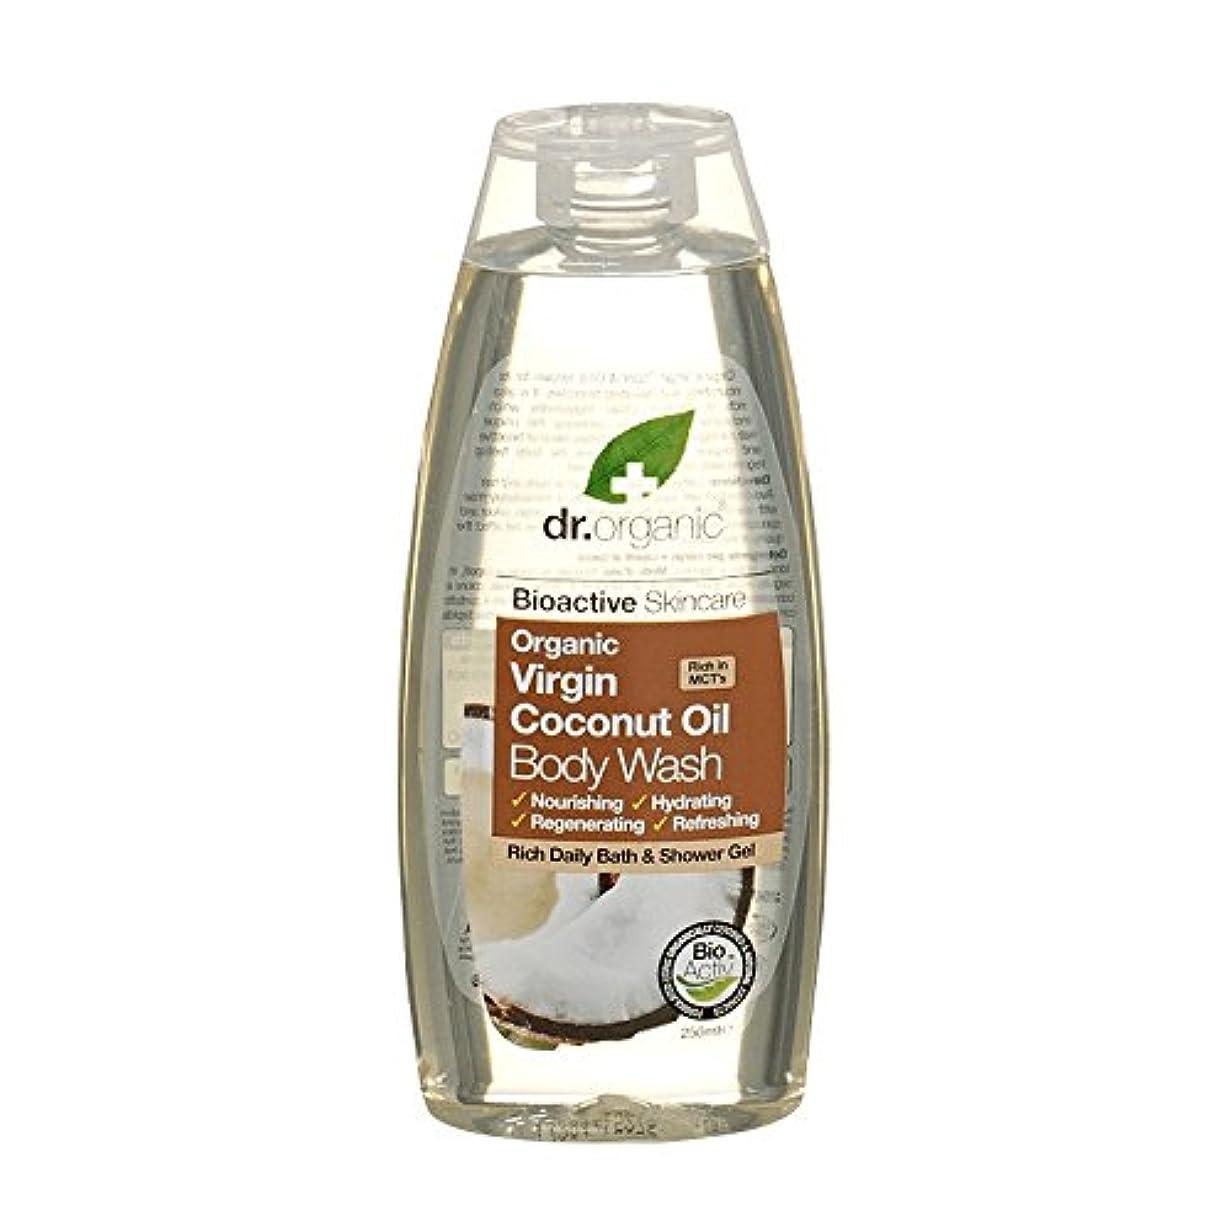 令状寝てる廃止Dr有機有機バージンココナッツオイルボディウォッシュ - Dr Organic Organic Virgin Coconut Oil Body Wash (Dr Organic) [並行輸入品]